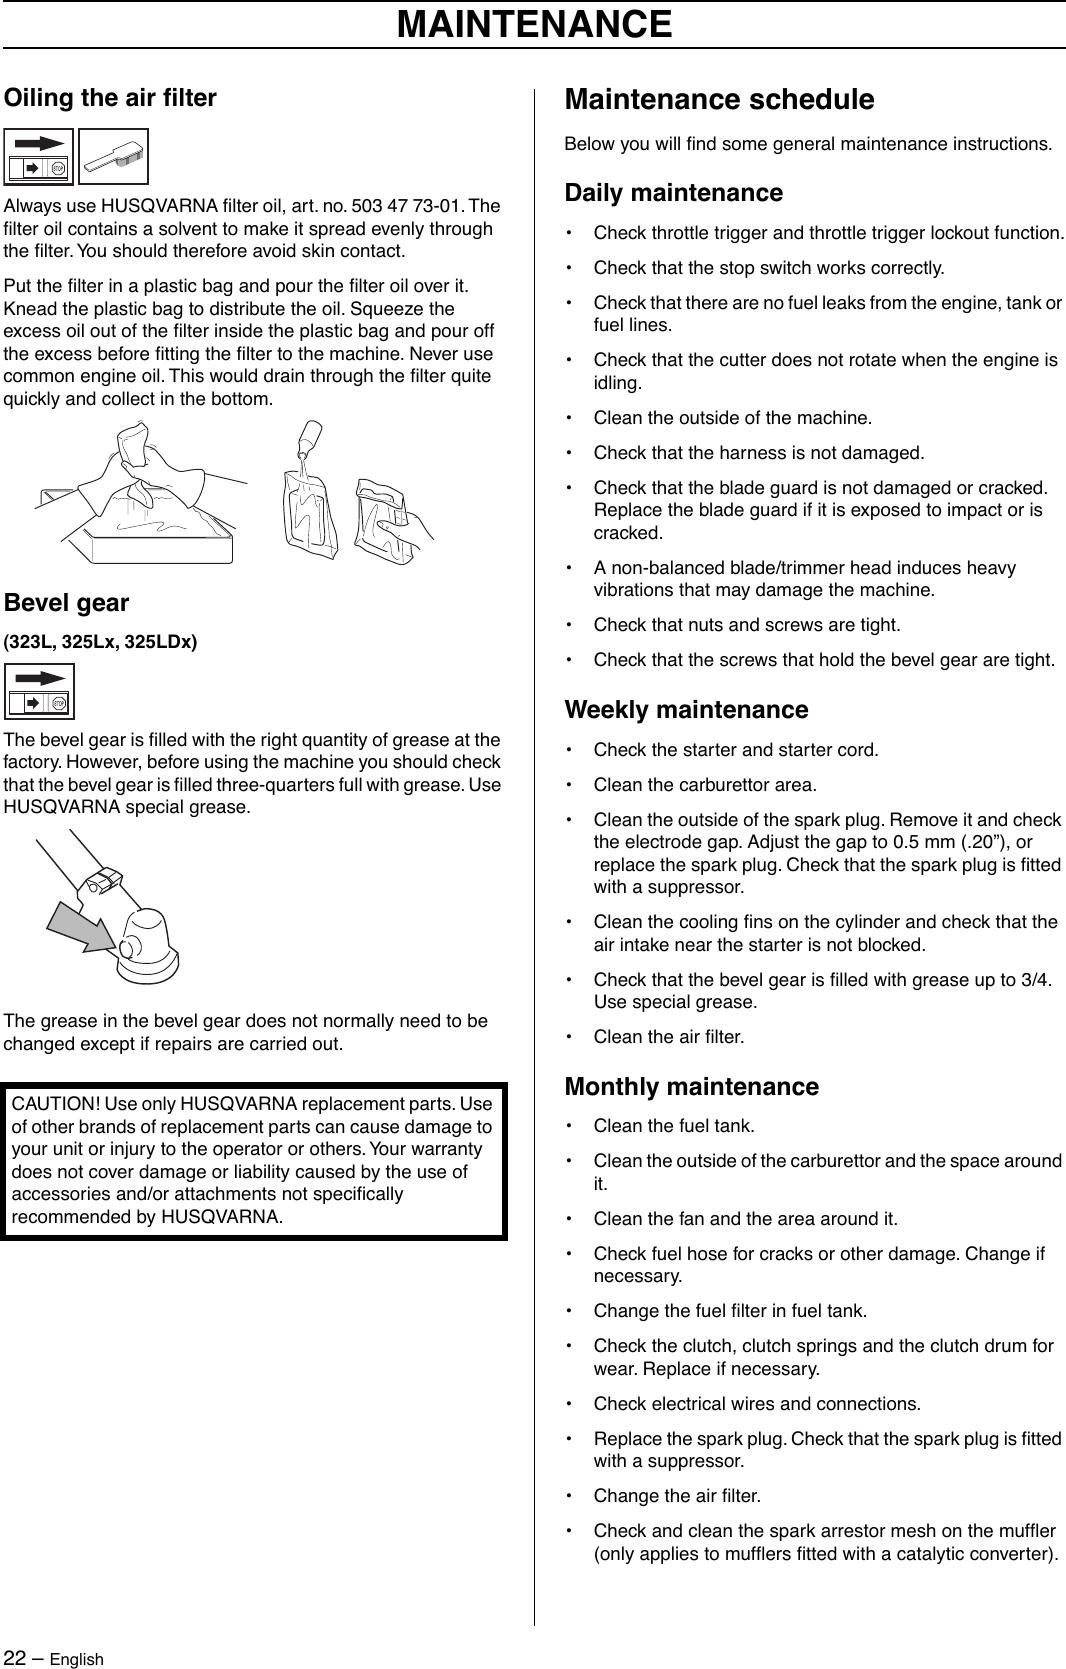 Husqvarna 323C Users Manual OM, 323 C 325 CX, L, LX, LDX